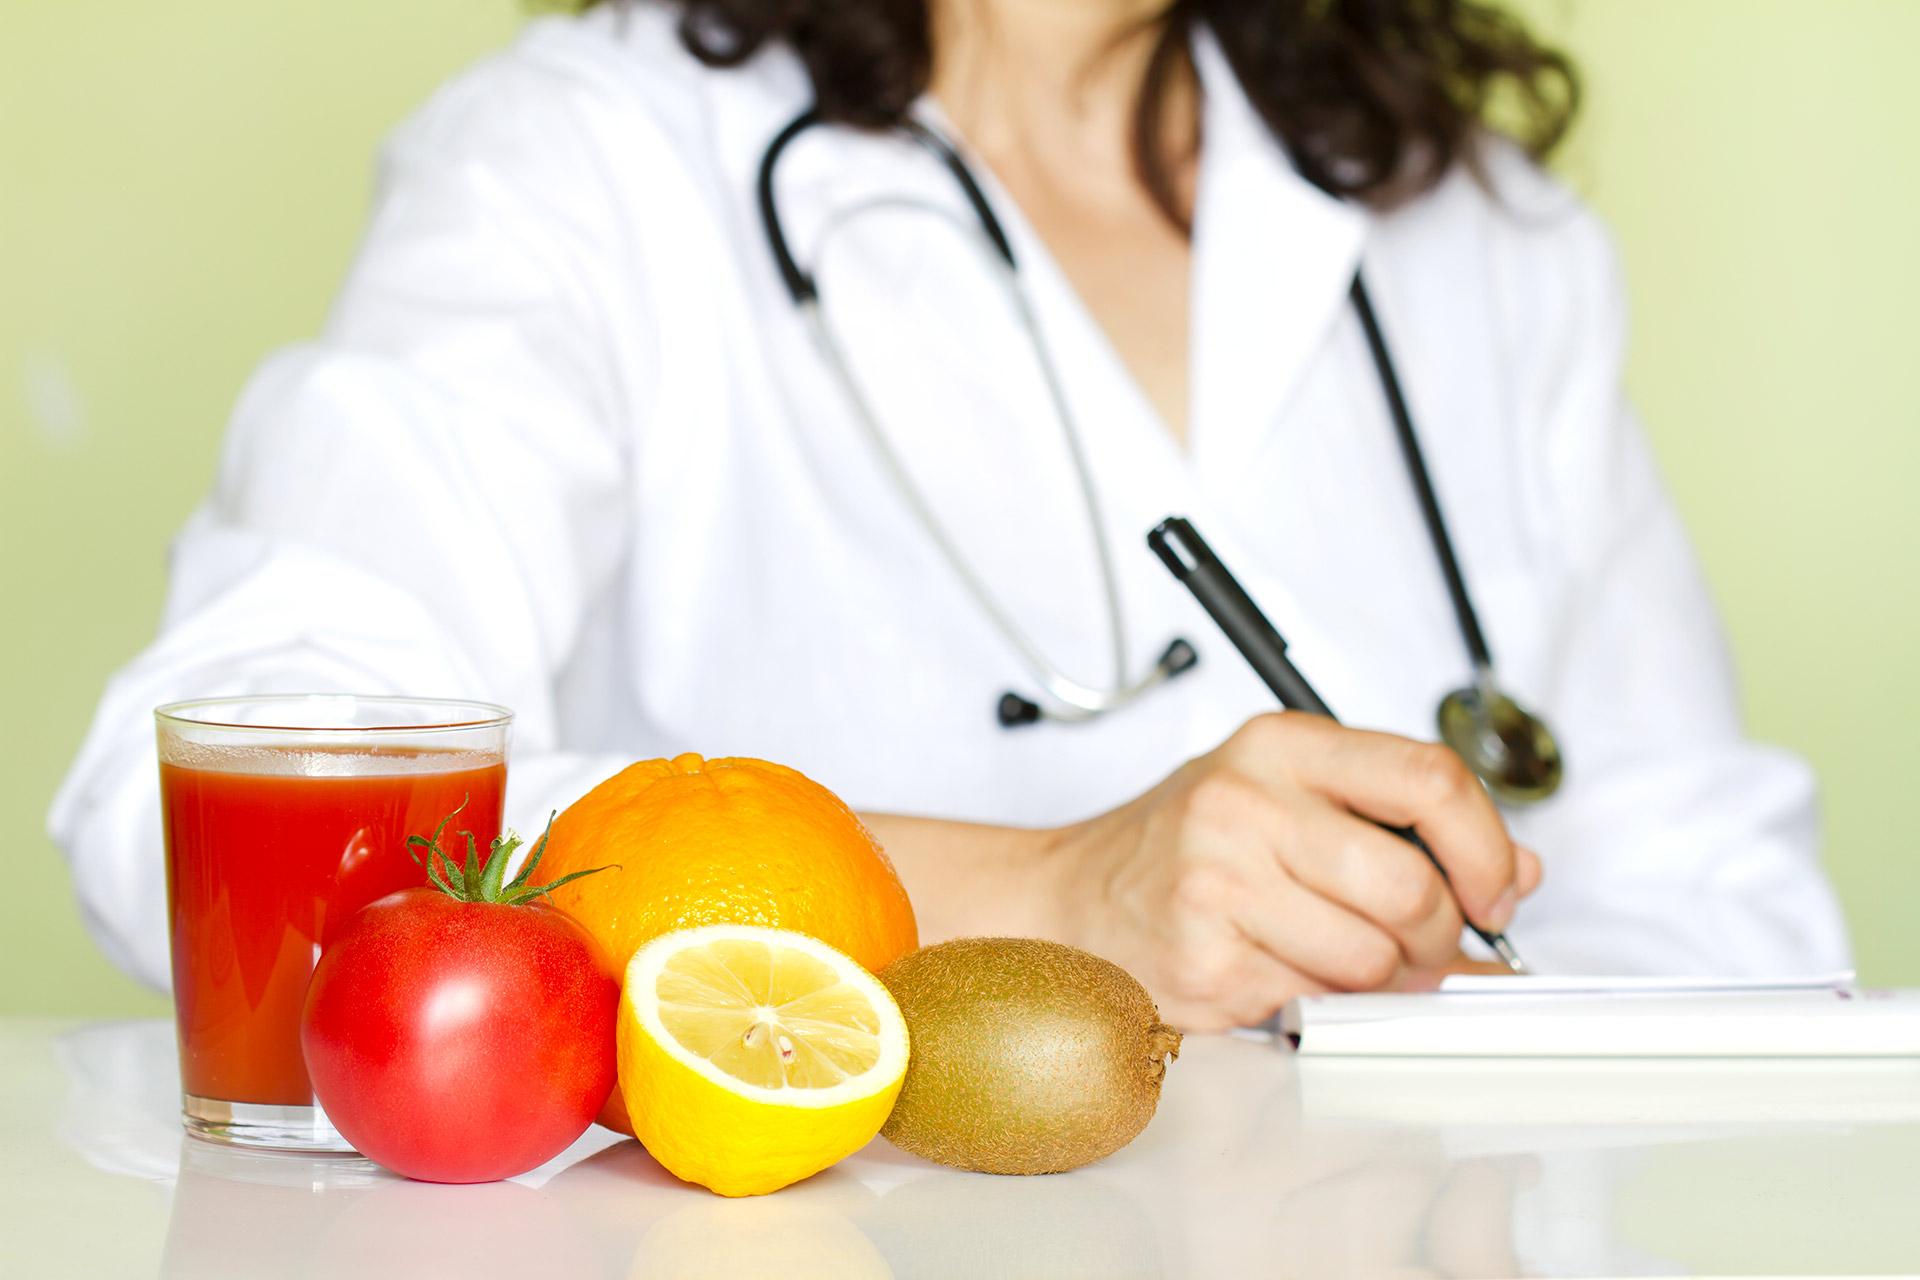 dietologia clinica milano, nutrizionista milano